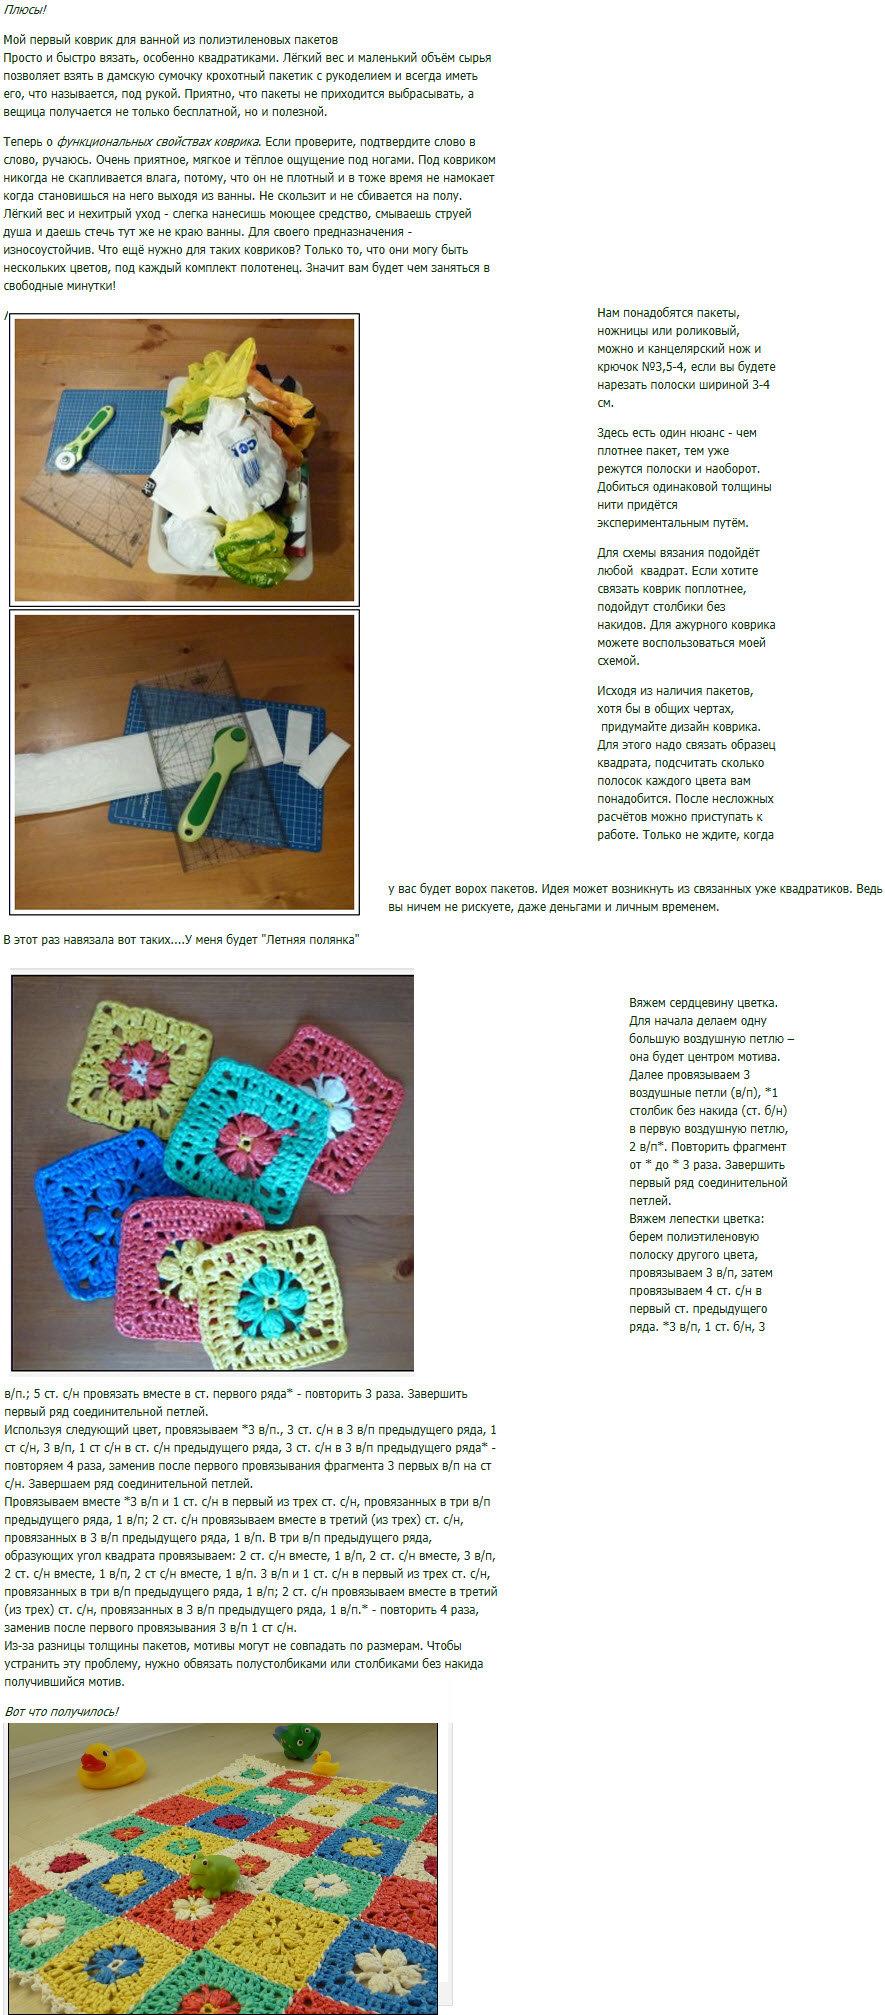 Как вязать коврики из мешков для мусора своими руками 64